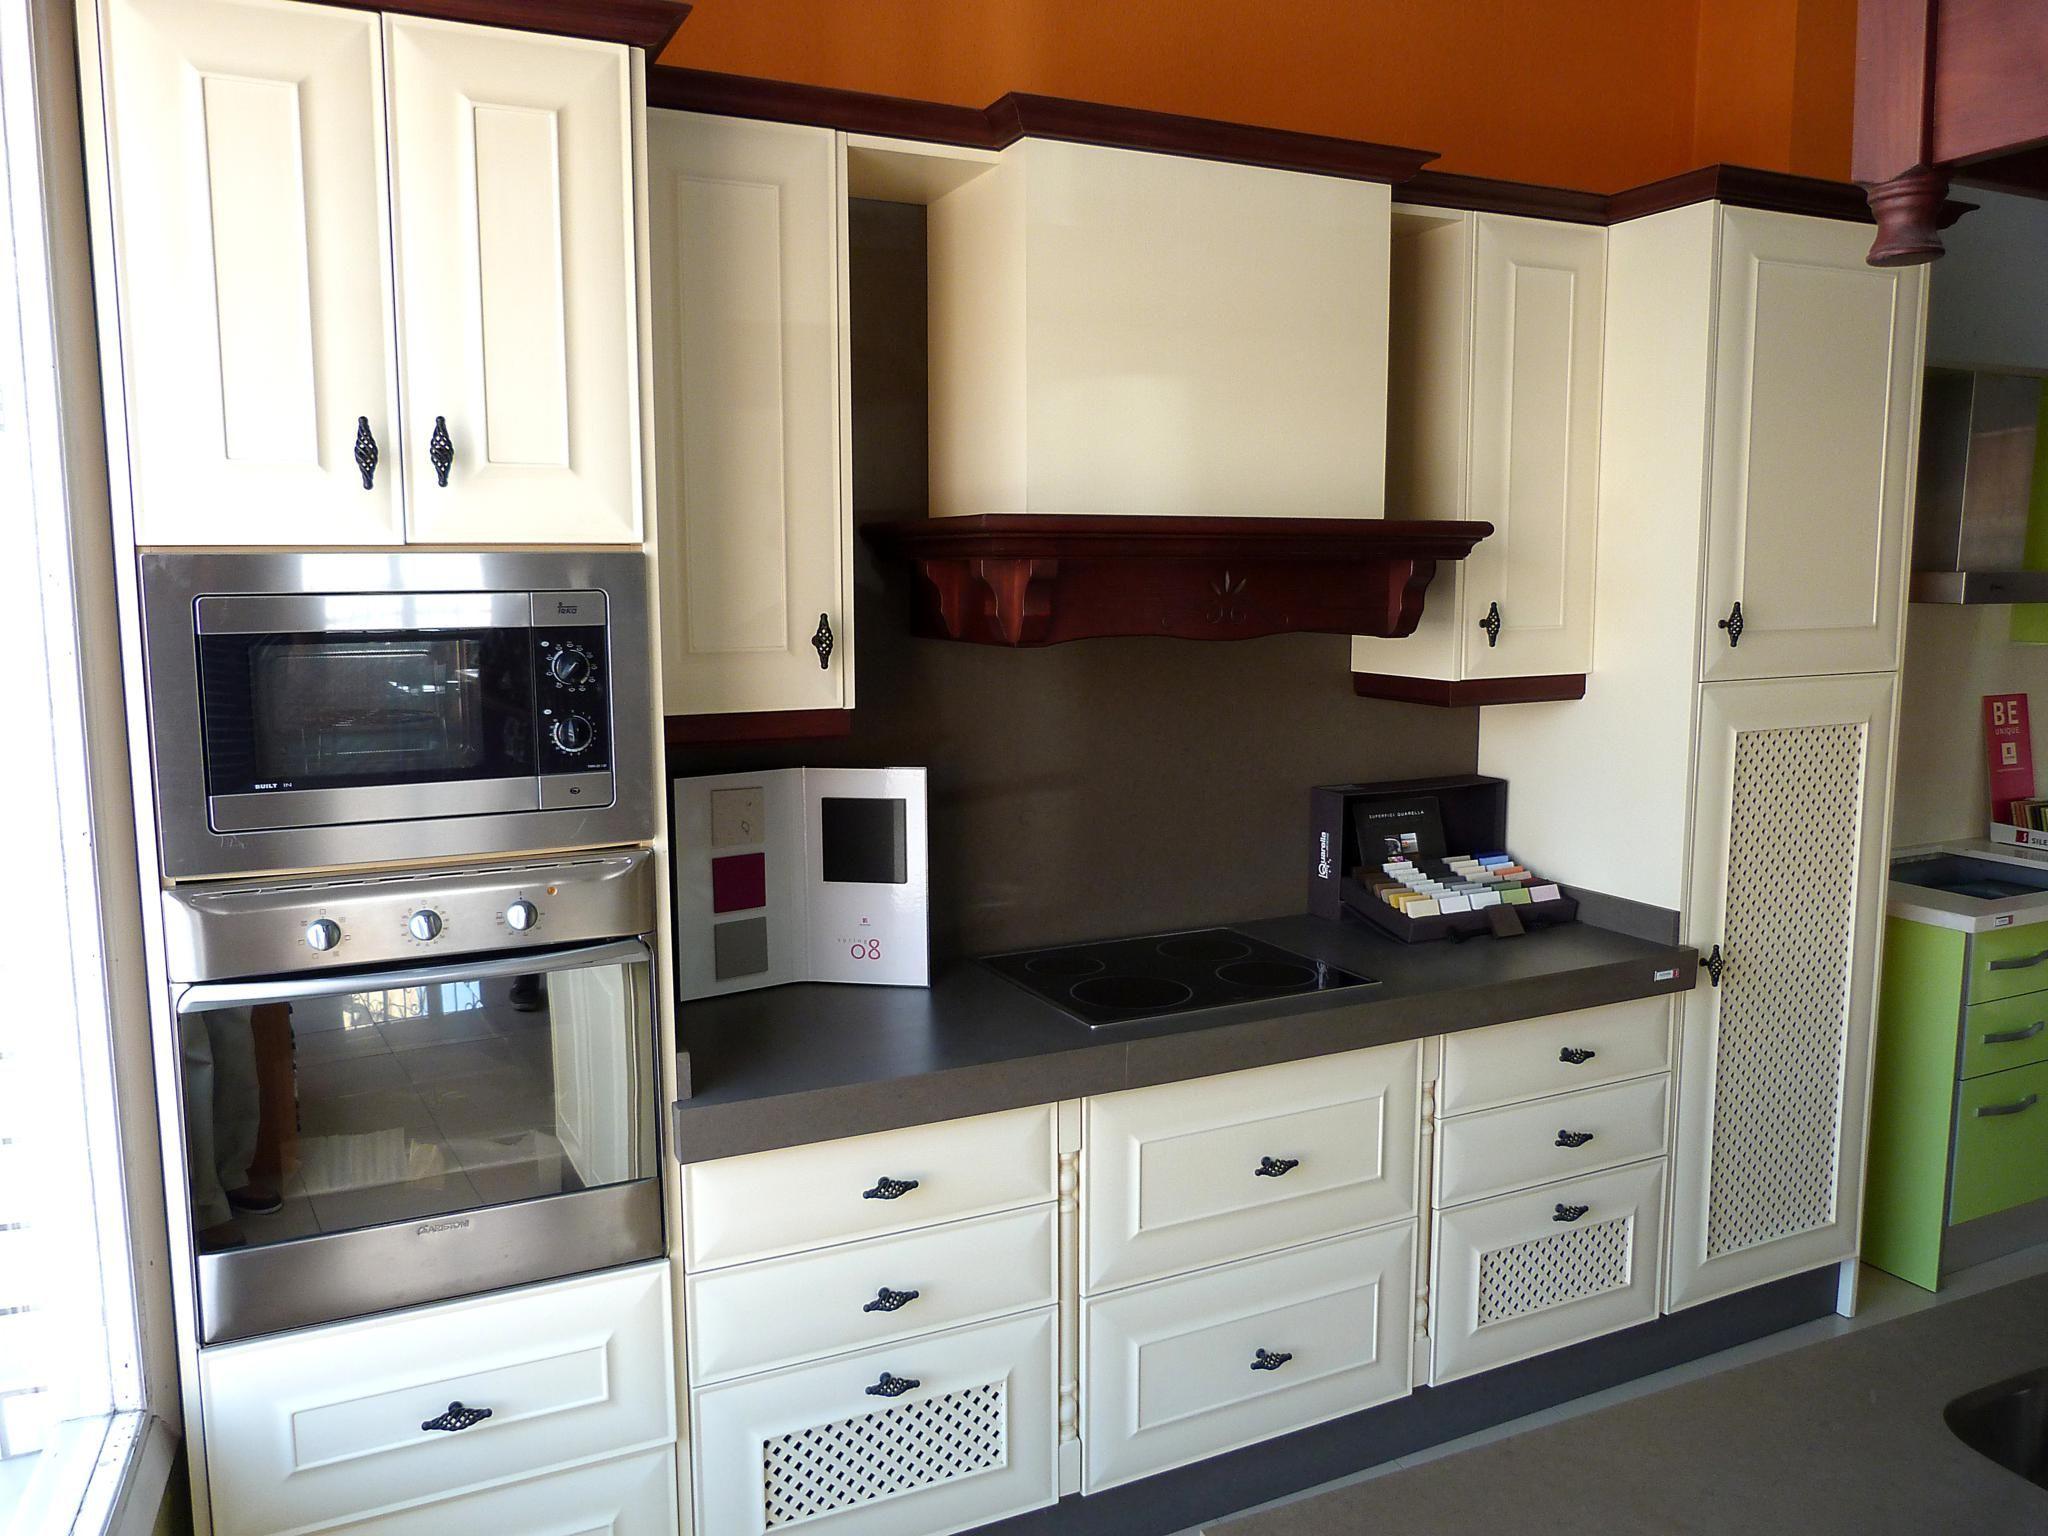 Muebles de cocina en concepcion buscar con google for Google muebles de cocina